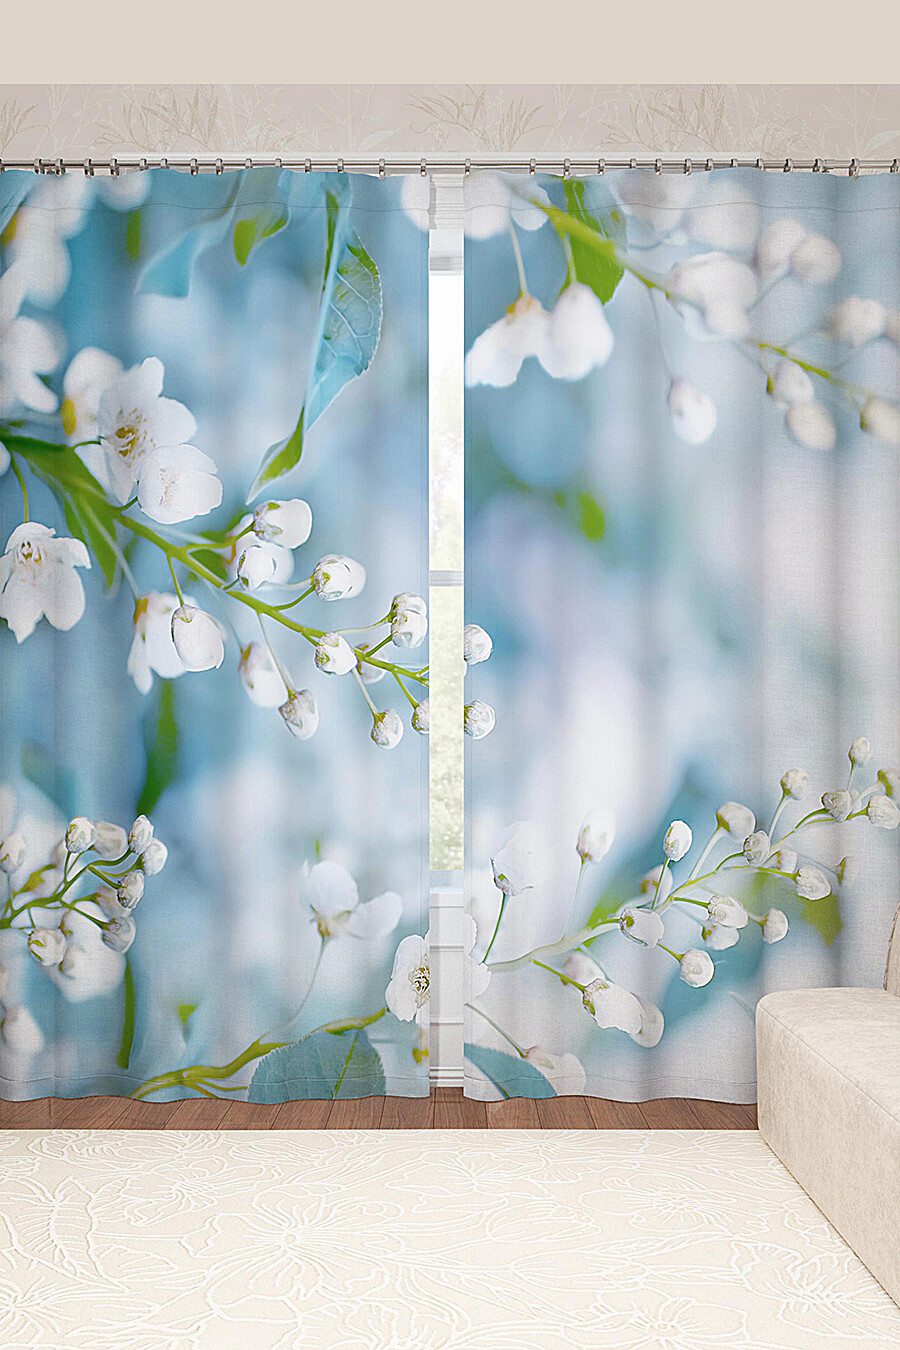 Фотошторы для дома ART HOME TEXTILE 123471 купить оптом от производителя. Совместная покупка товаров для дома в OptMoyo